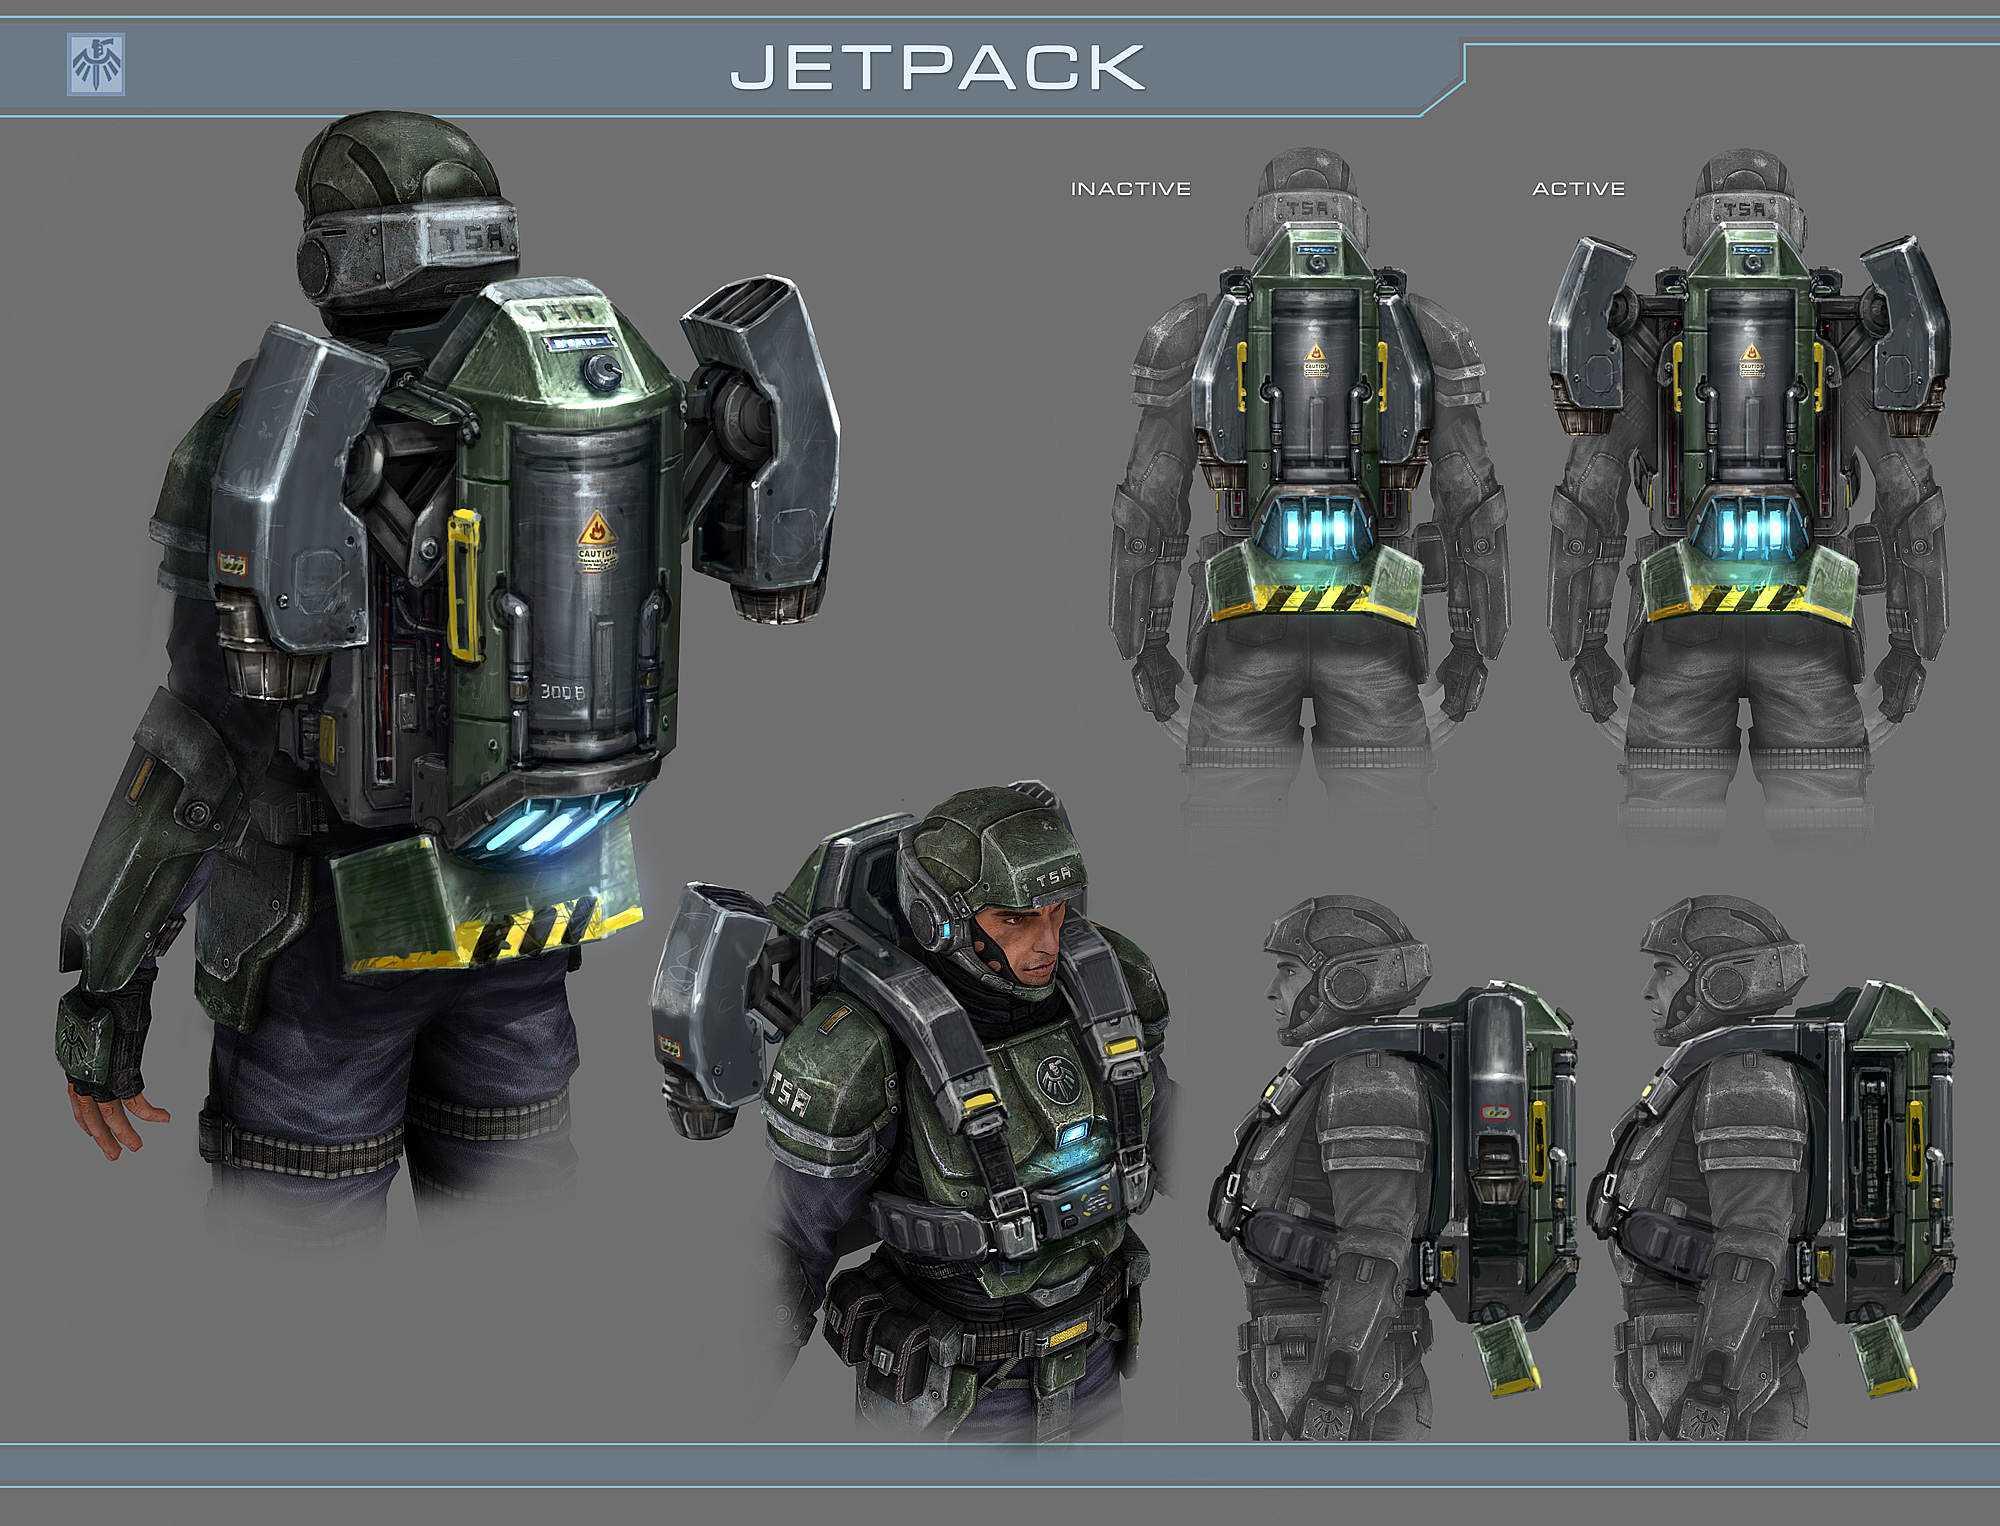 Jetpack Concept O inevitável desejo de voar: A história dos jetpacks